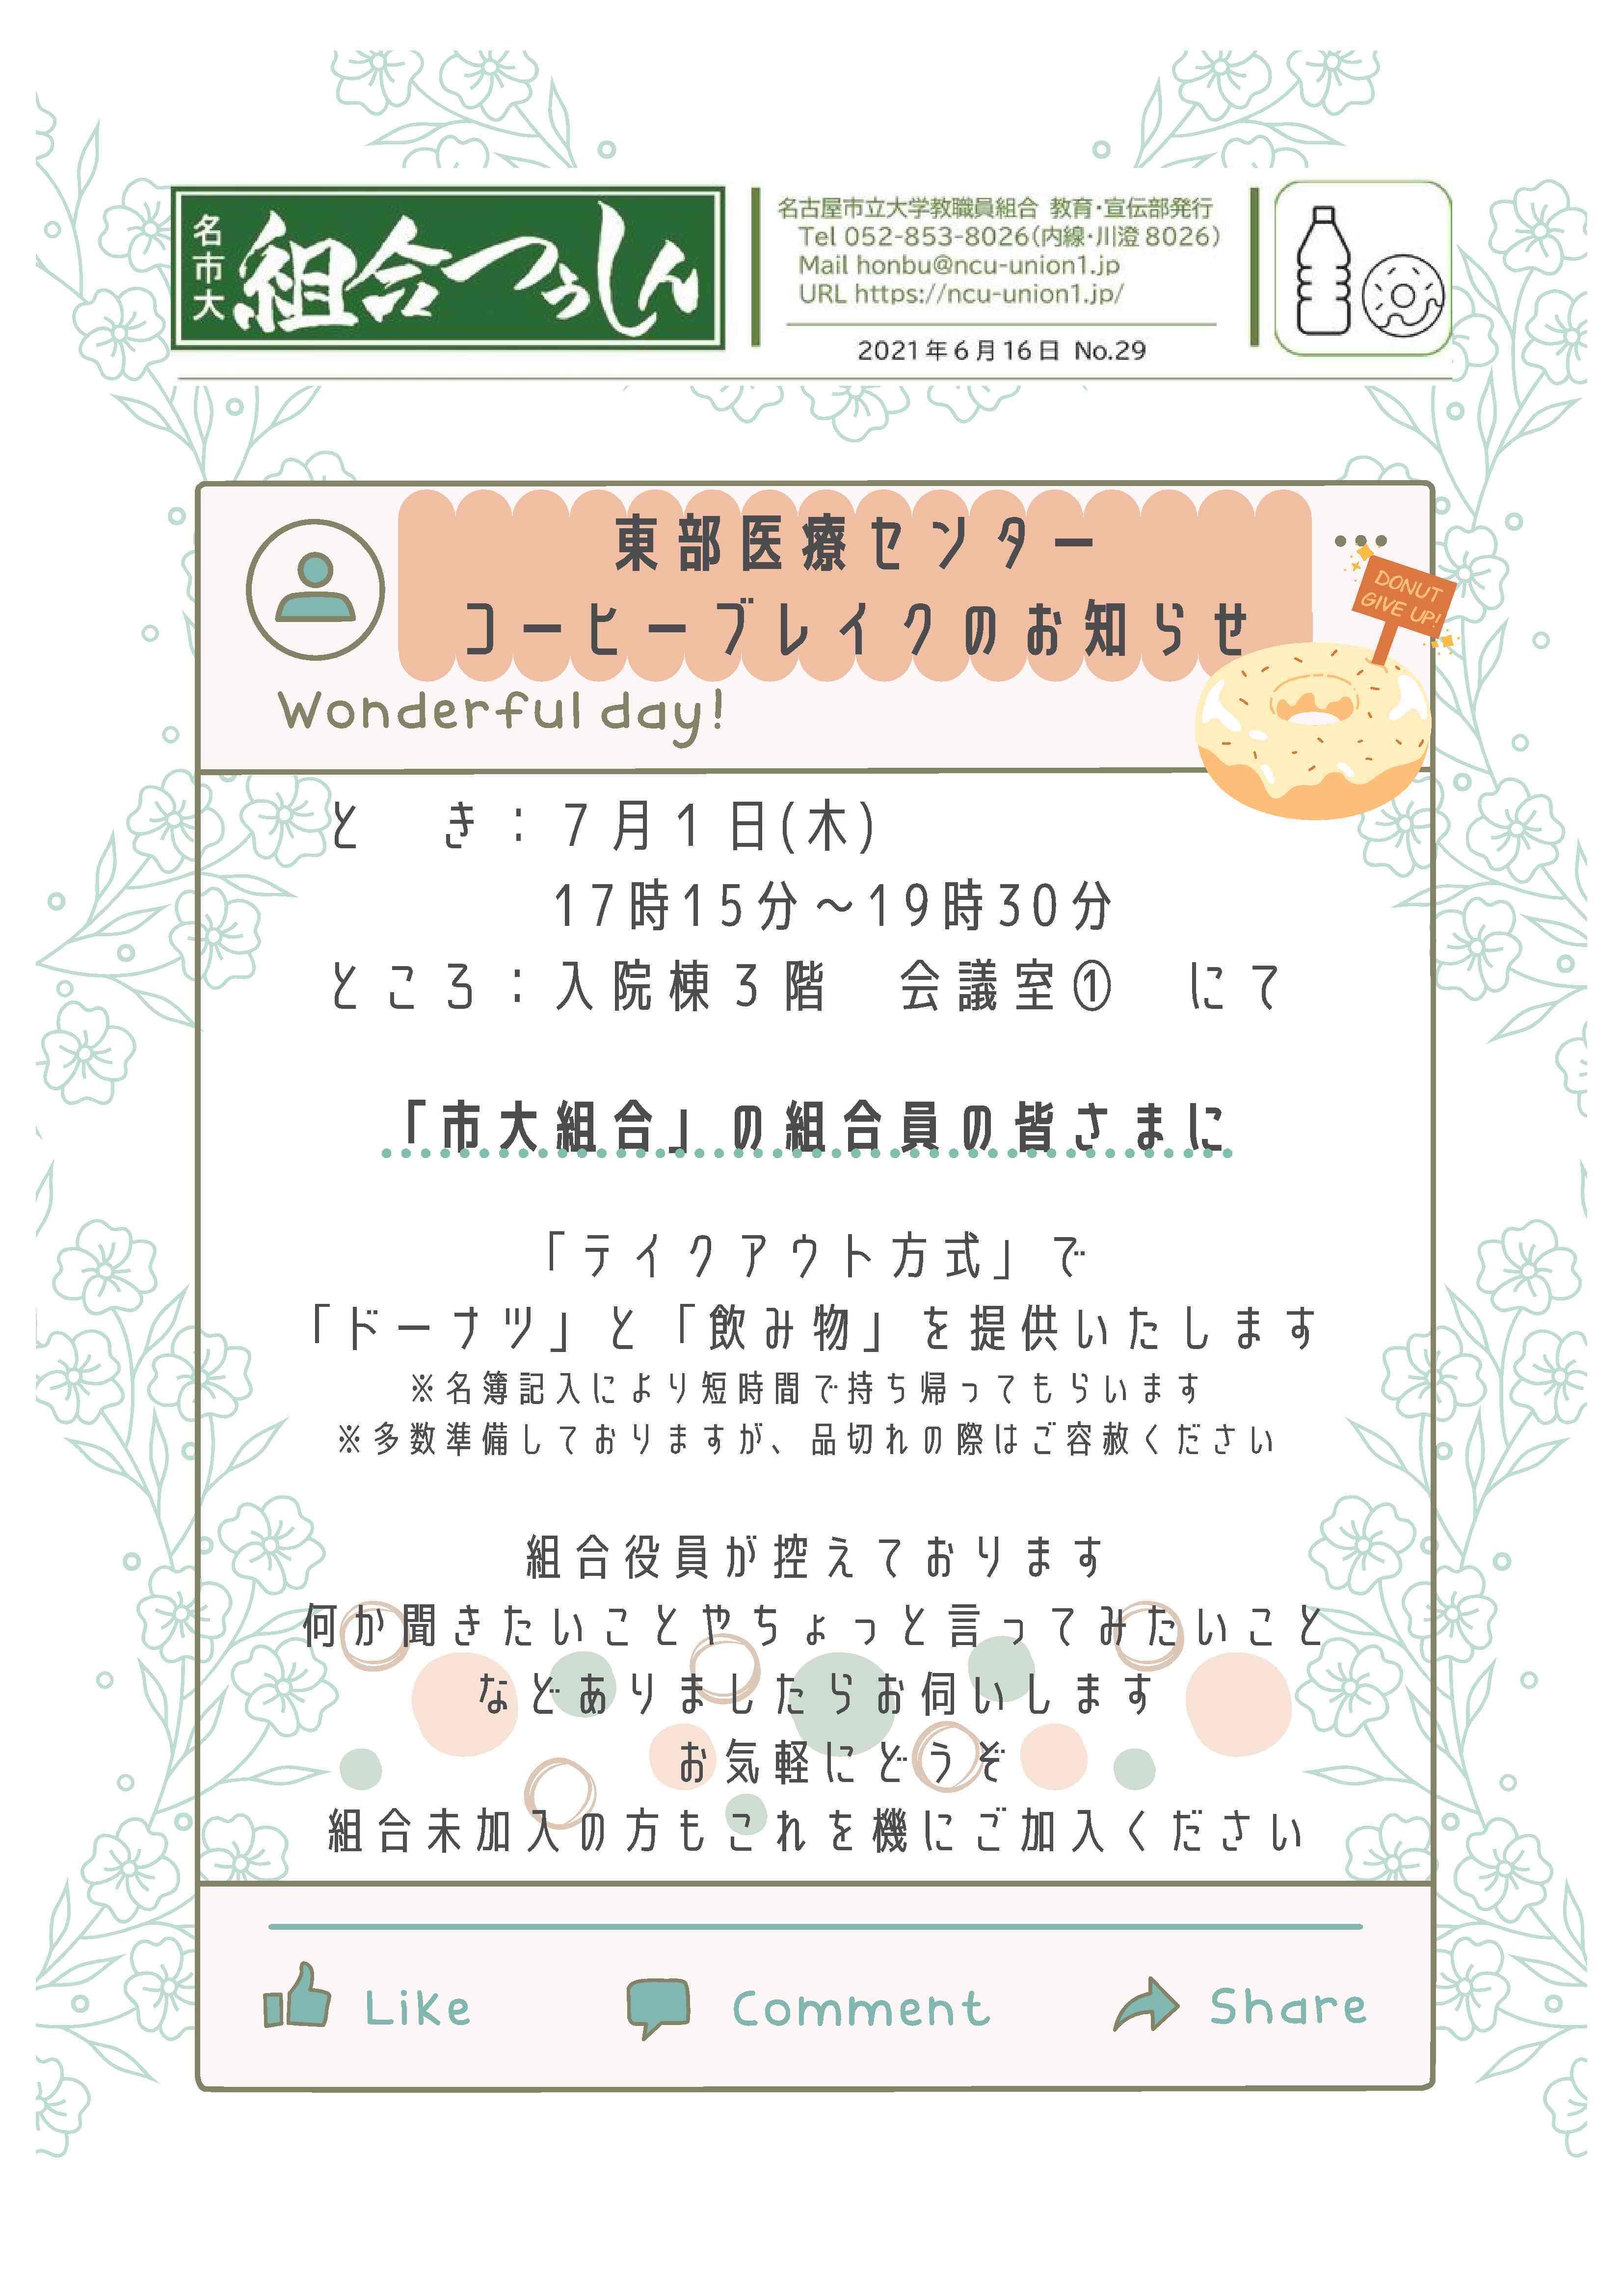 東部医療センター コーヒーブレイクのお知らせ.jpg